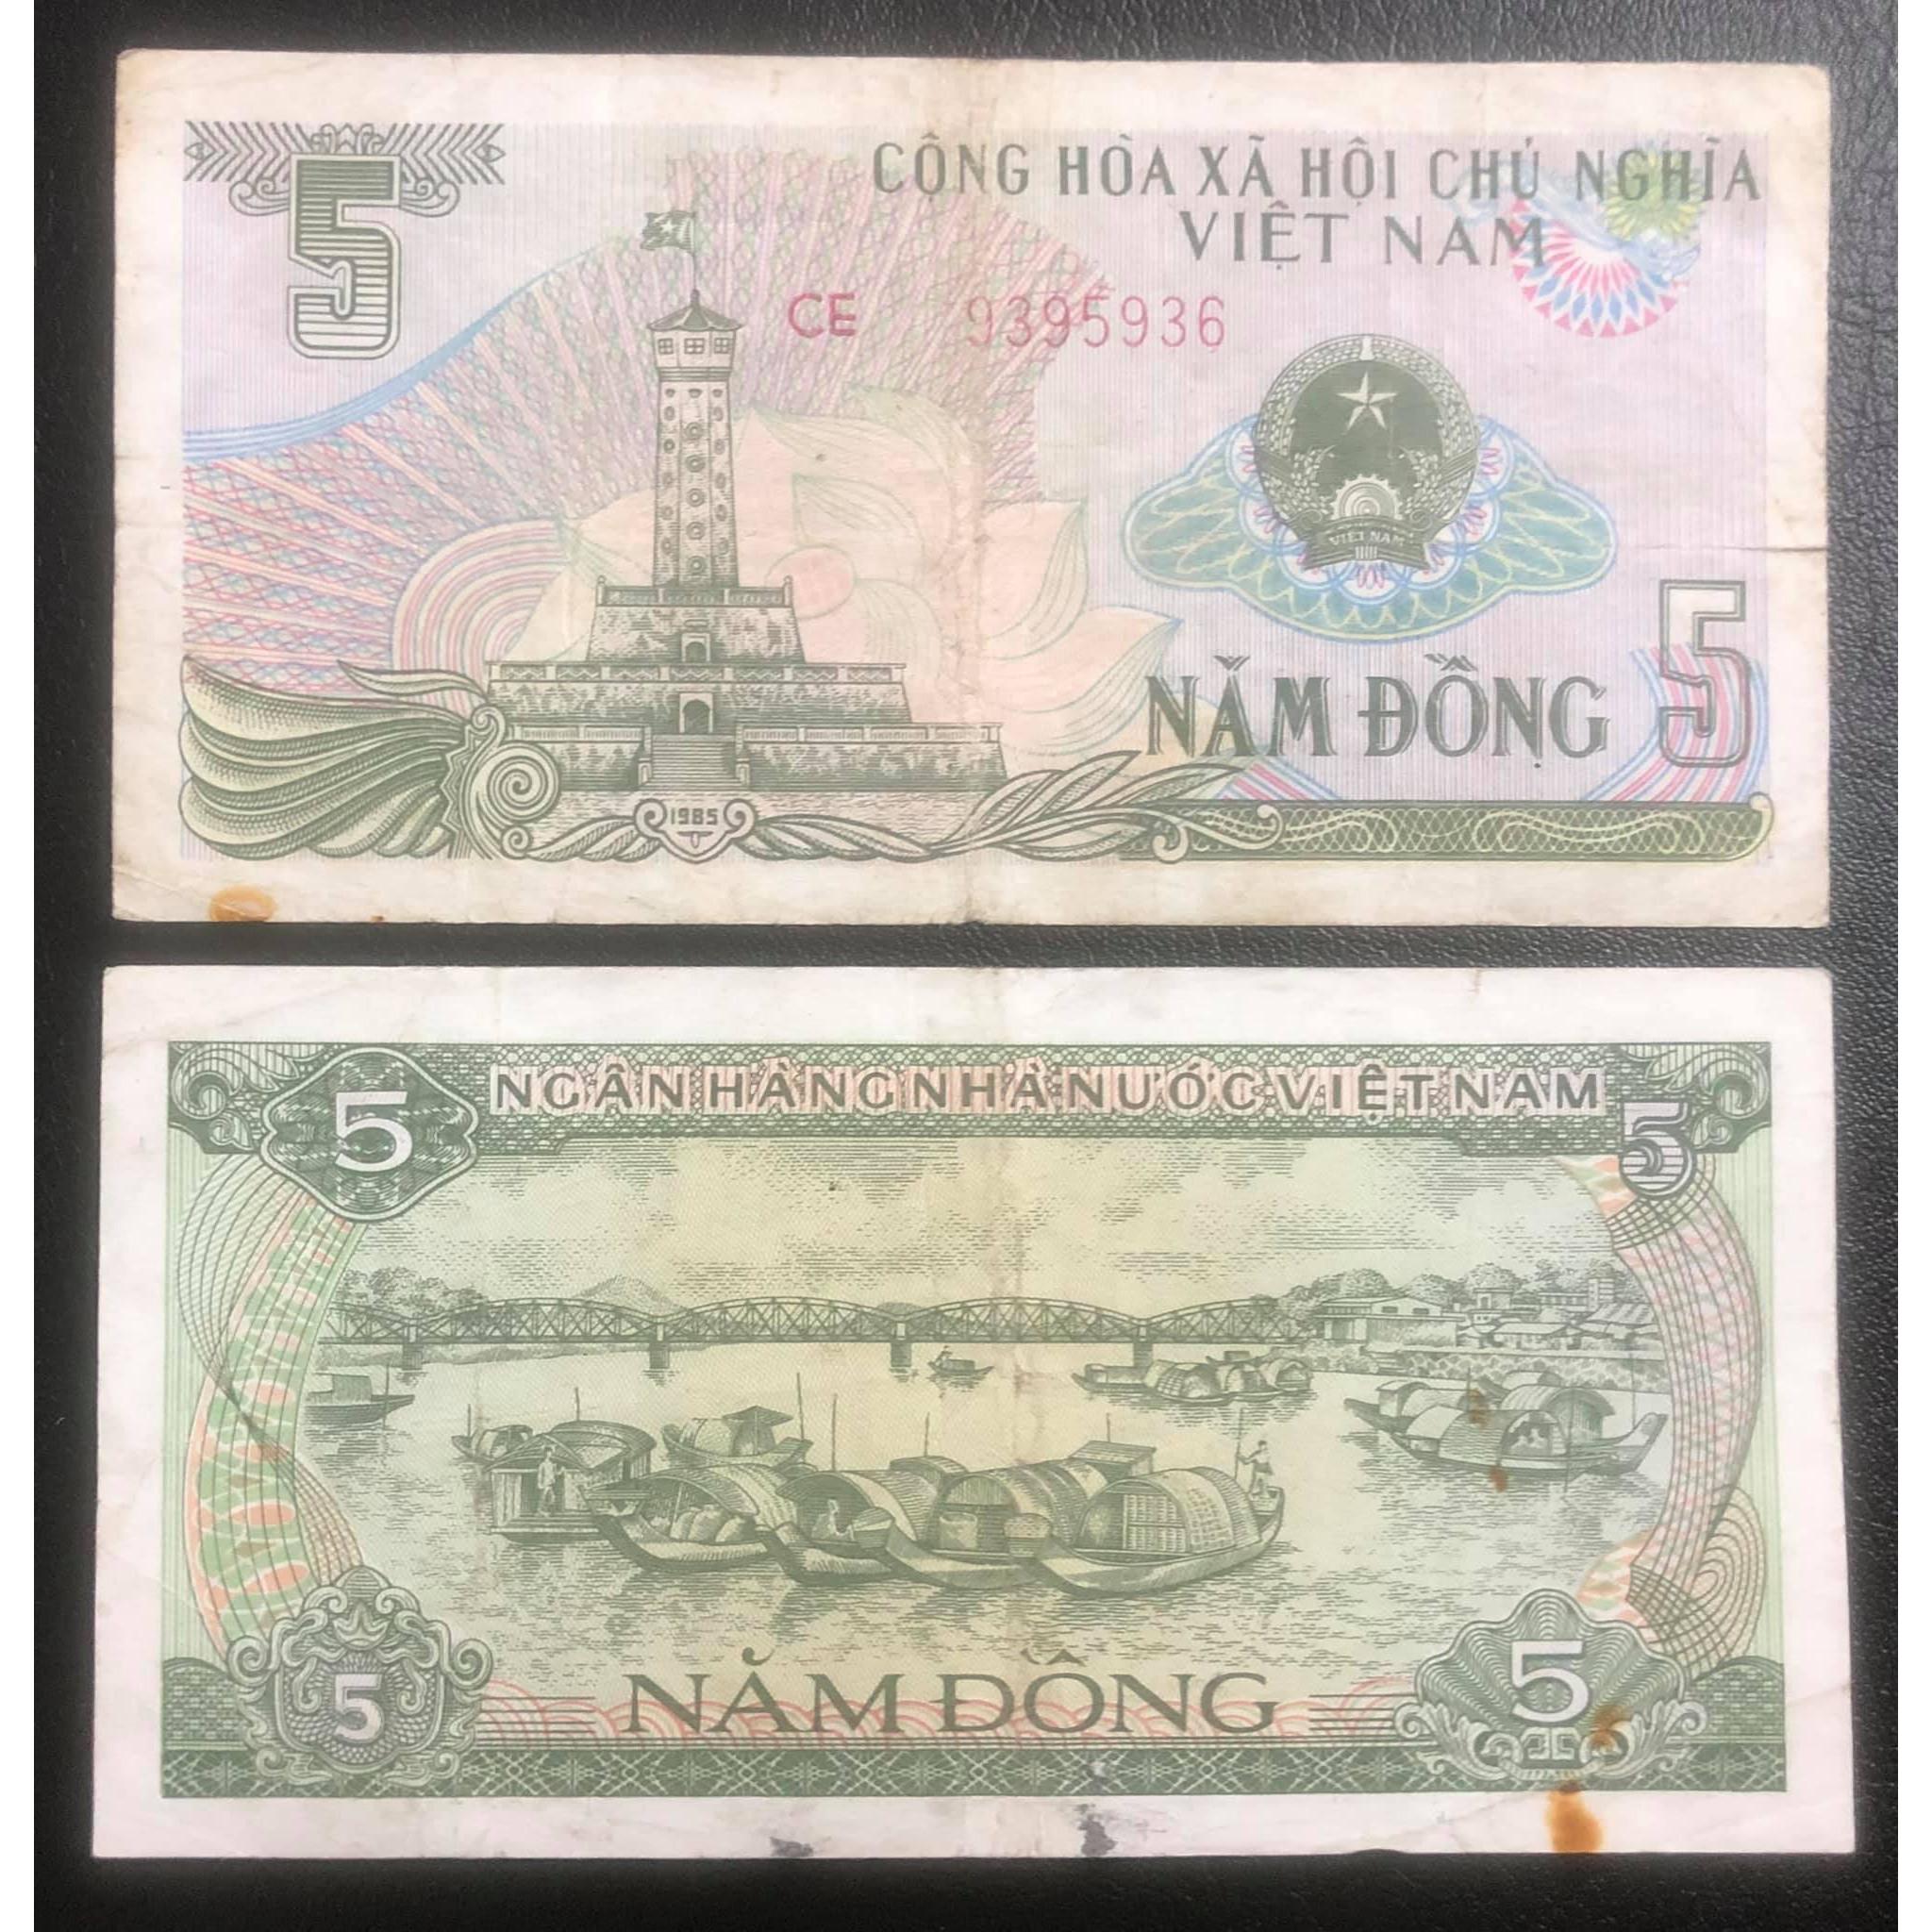 Tờ 5 đồng 1985 Cầu Tràng Tiền ở Huế, tiền xưa bao cấp sưu tầm